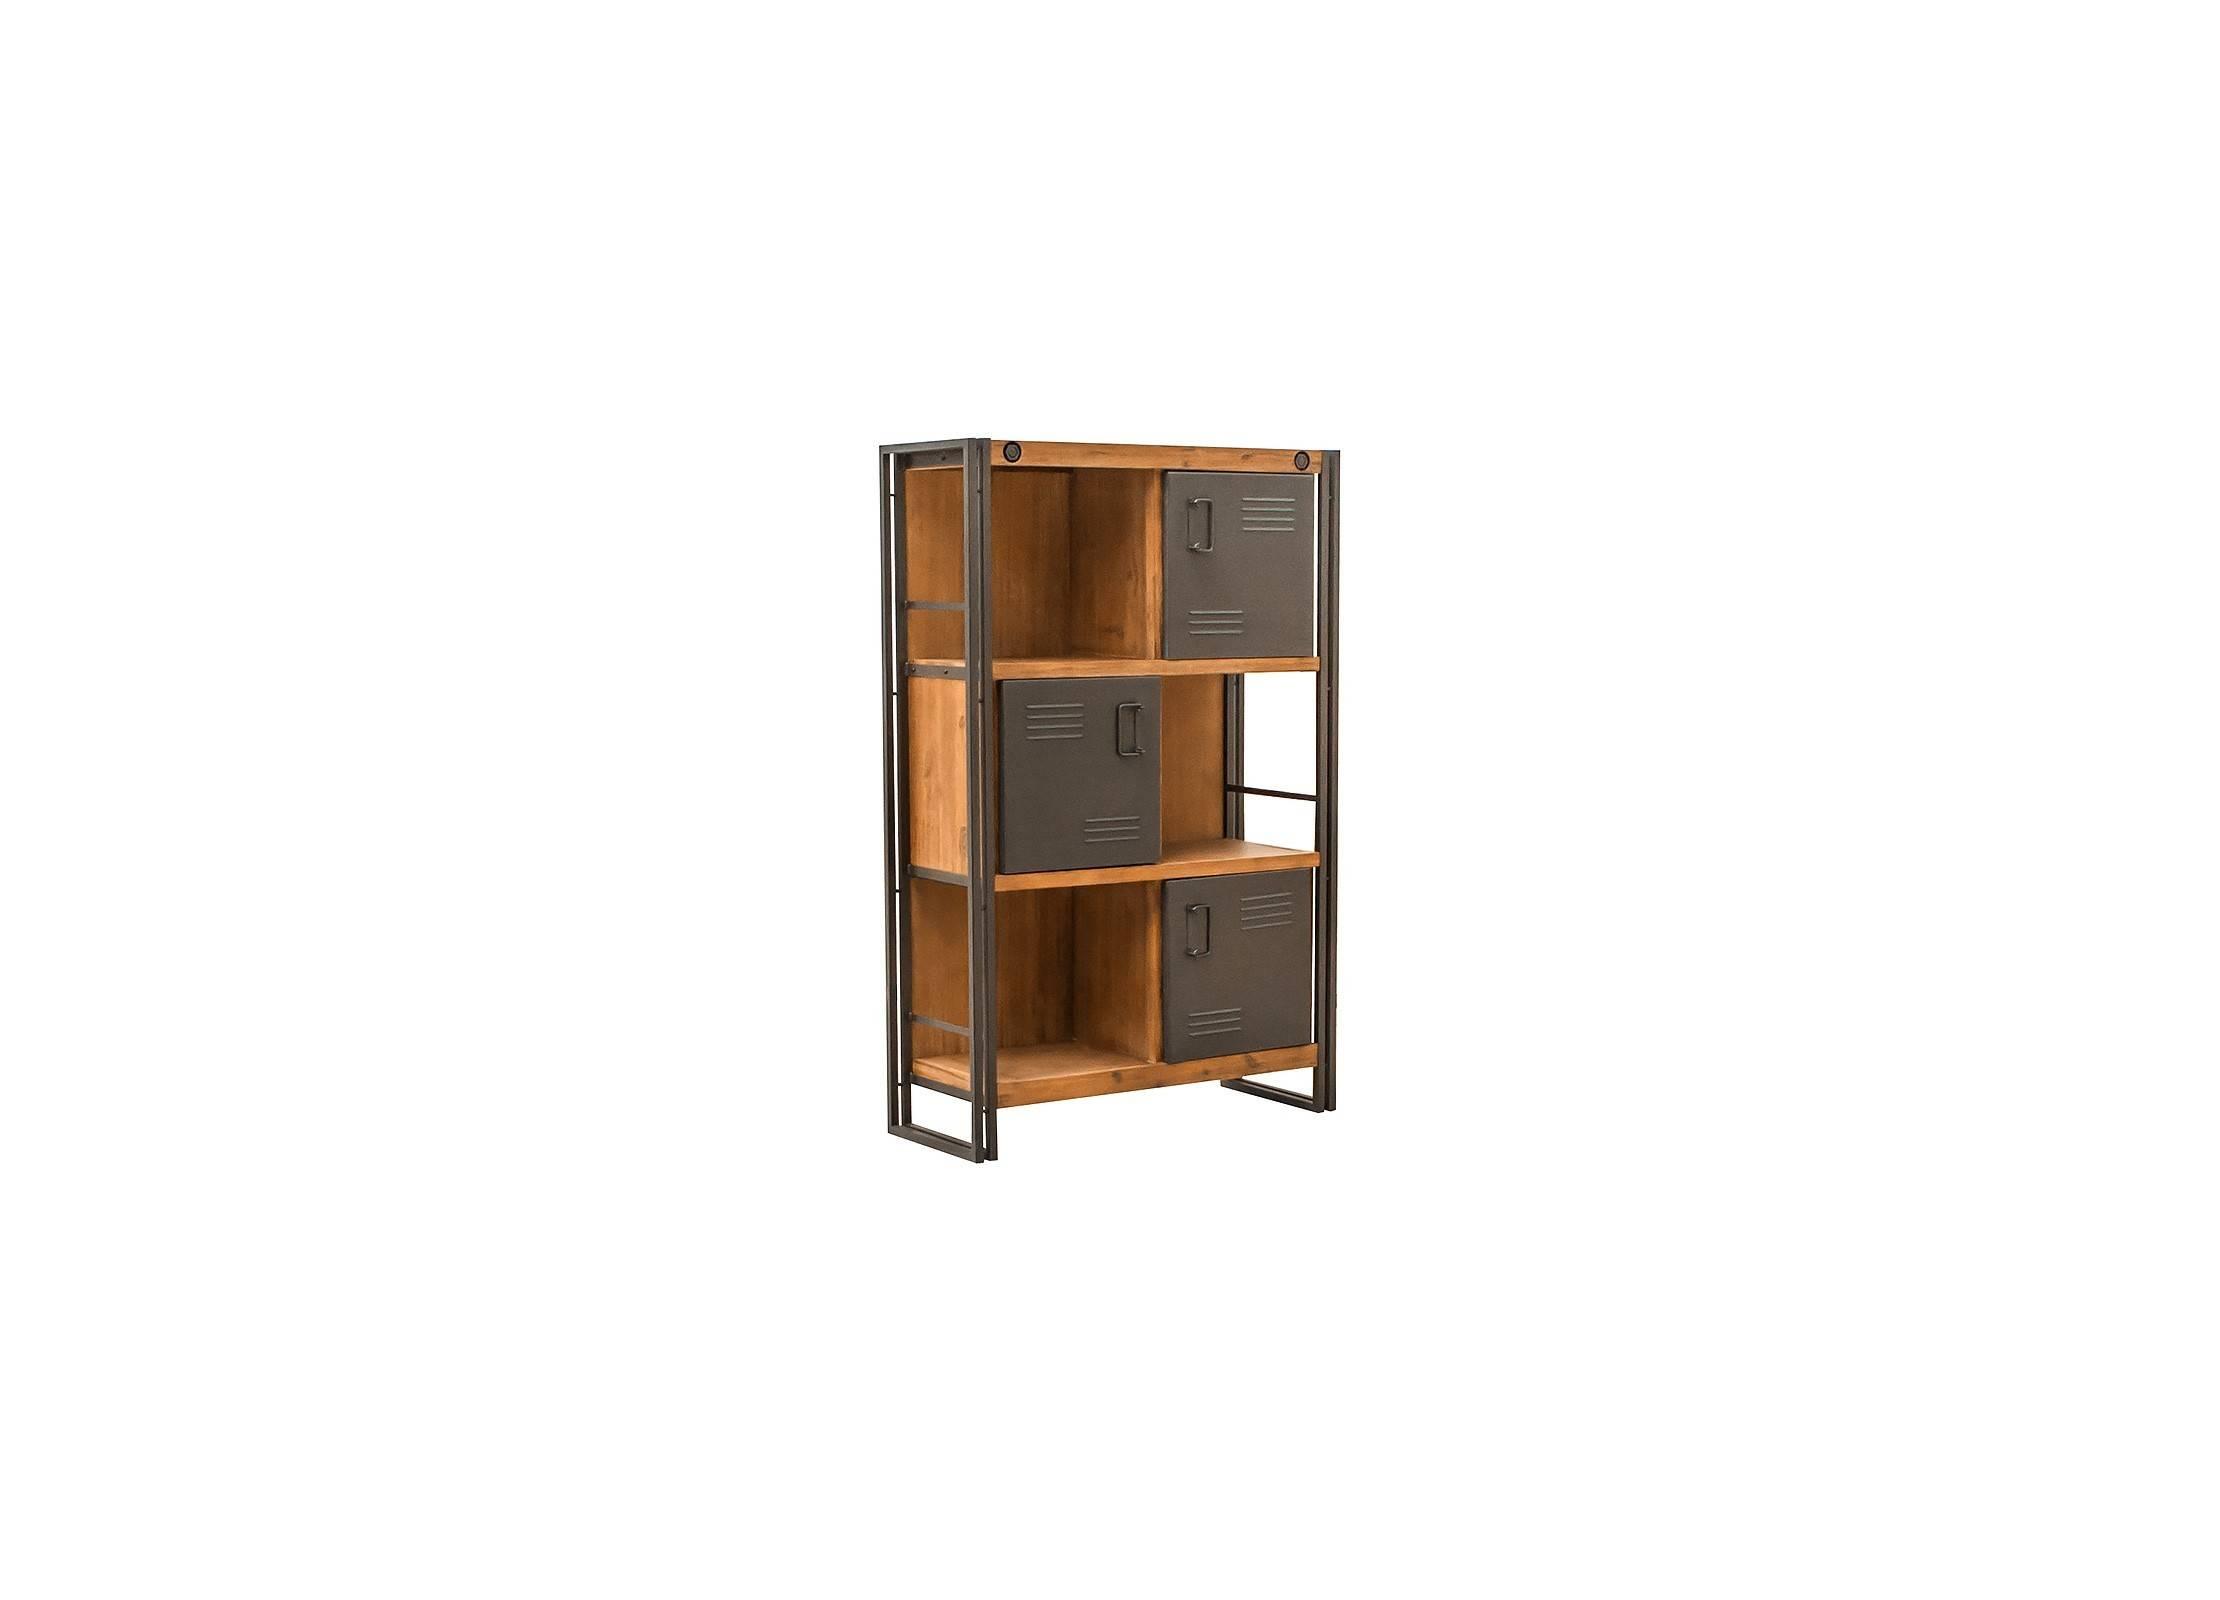 biblioth que indus 2 tiroirs et 3 niches bois massif et m tal. Black Bedroom Furniture Sets. Home Design Ideas